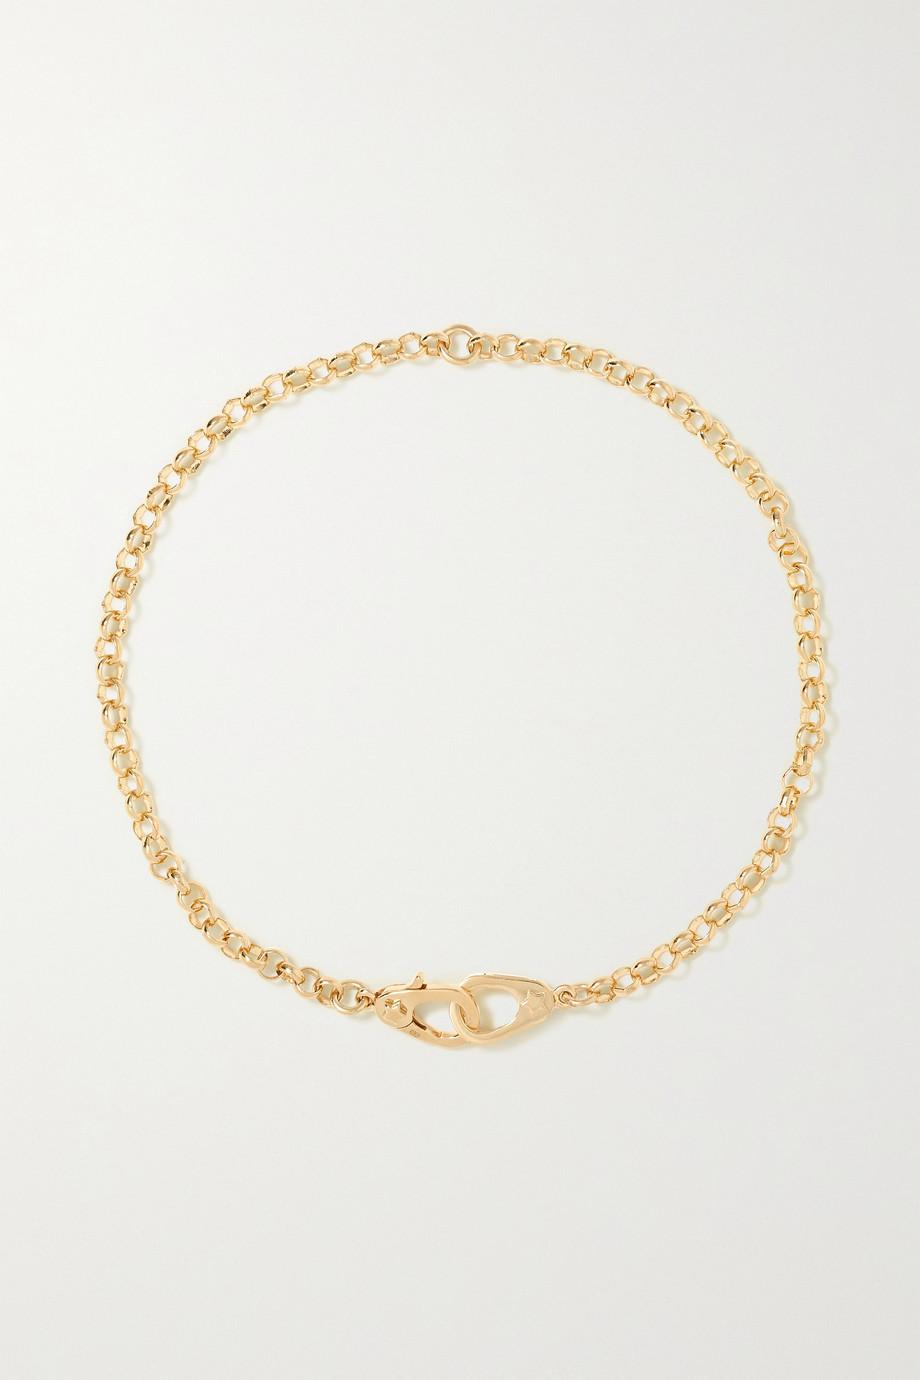 Foundrae 18-karat gold anklet